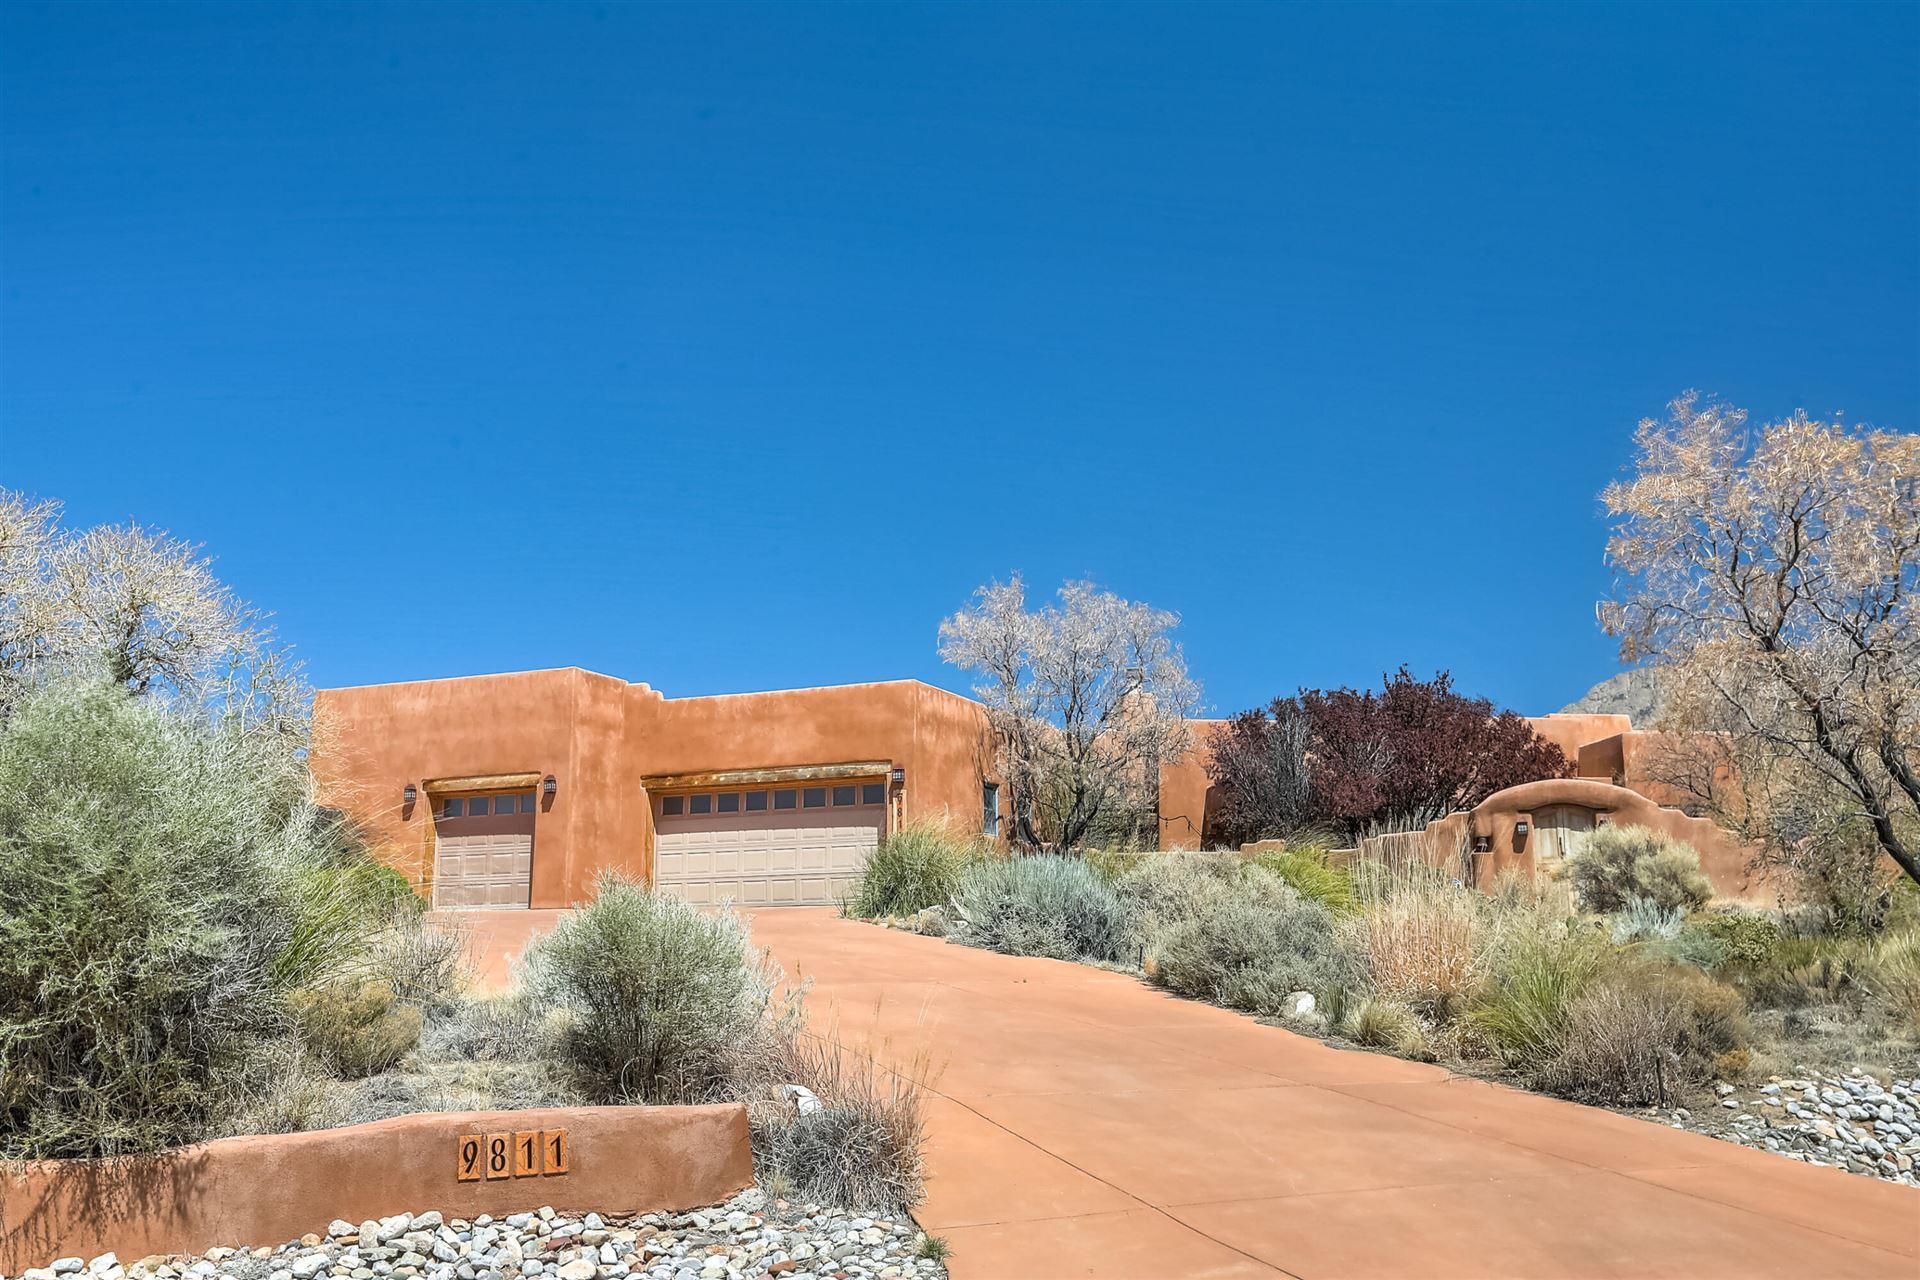 9811 DESERT MOUNTAIN Road NE, Albuquerque, NM 87122 - MLS#: 989388